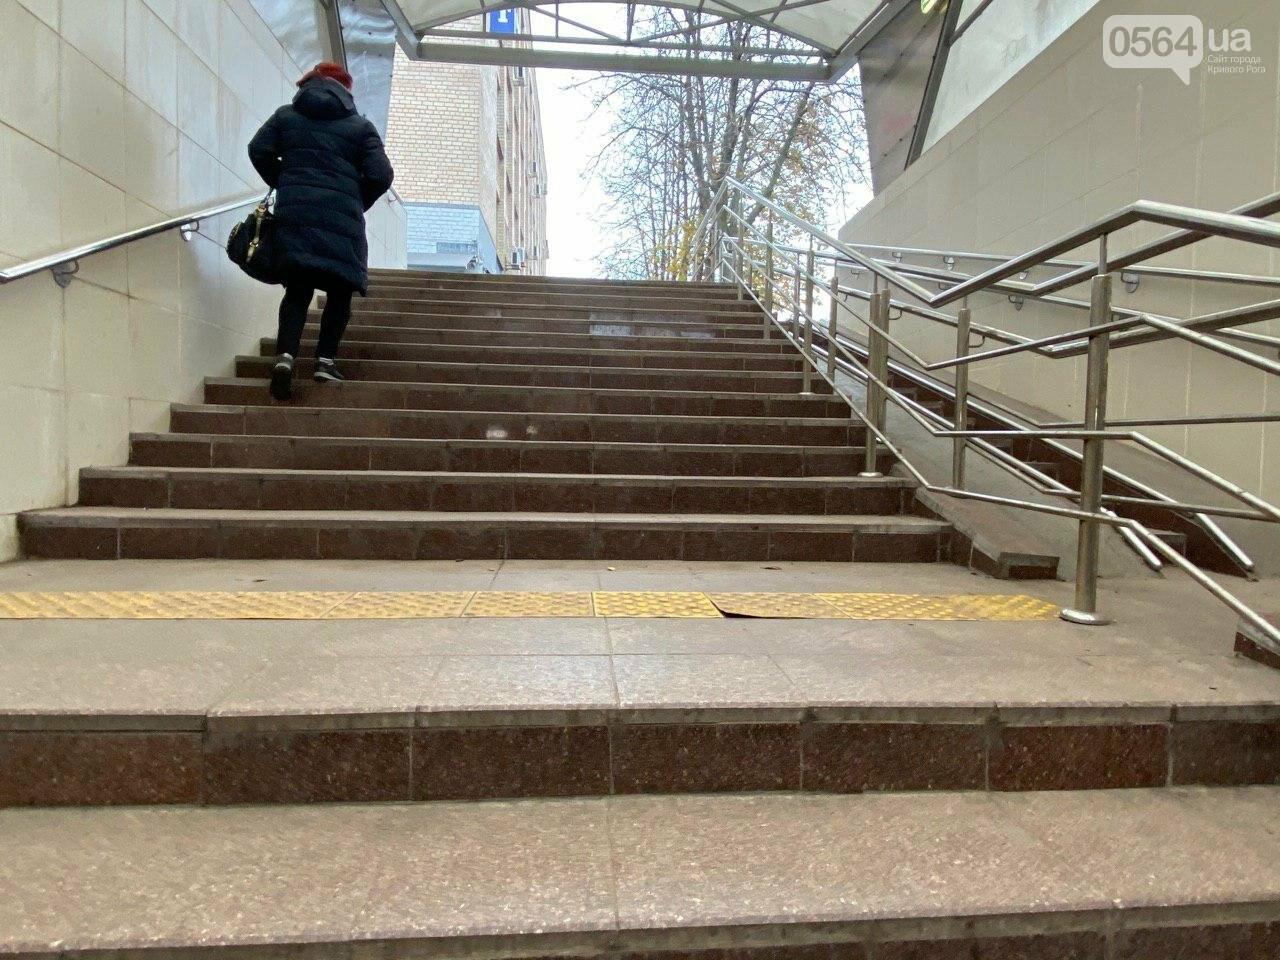 В Кривом Роге отклеилась тактильная плитка в подземном переходе, - ФОТО , фото-5